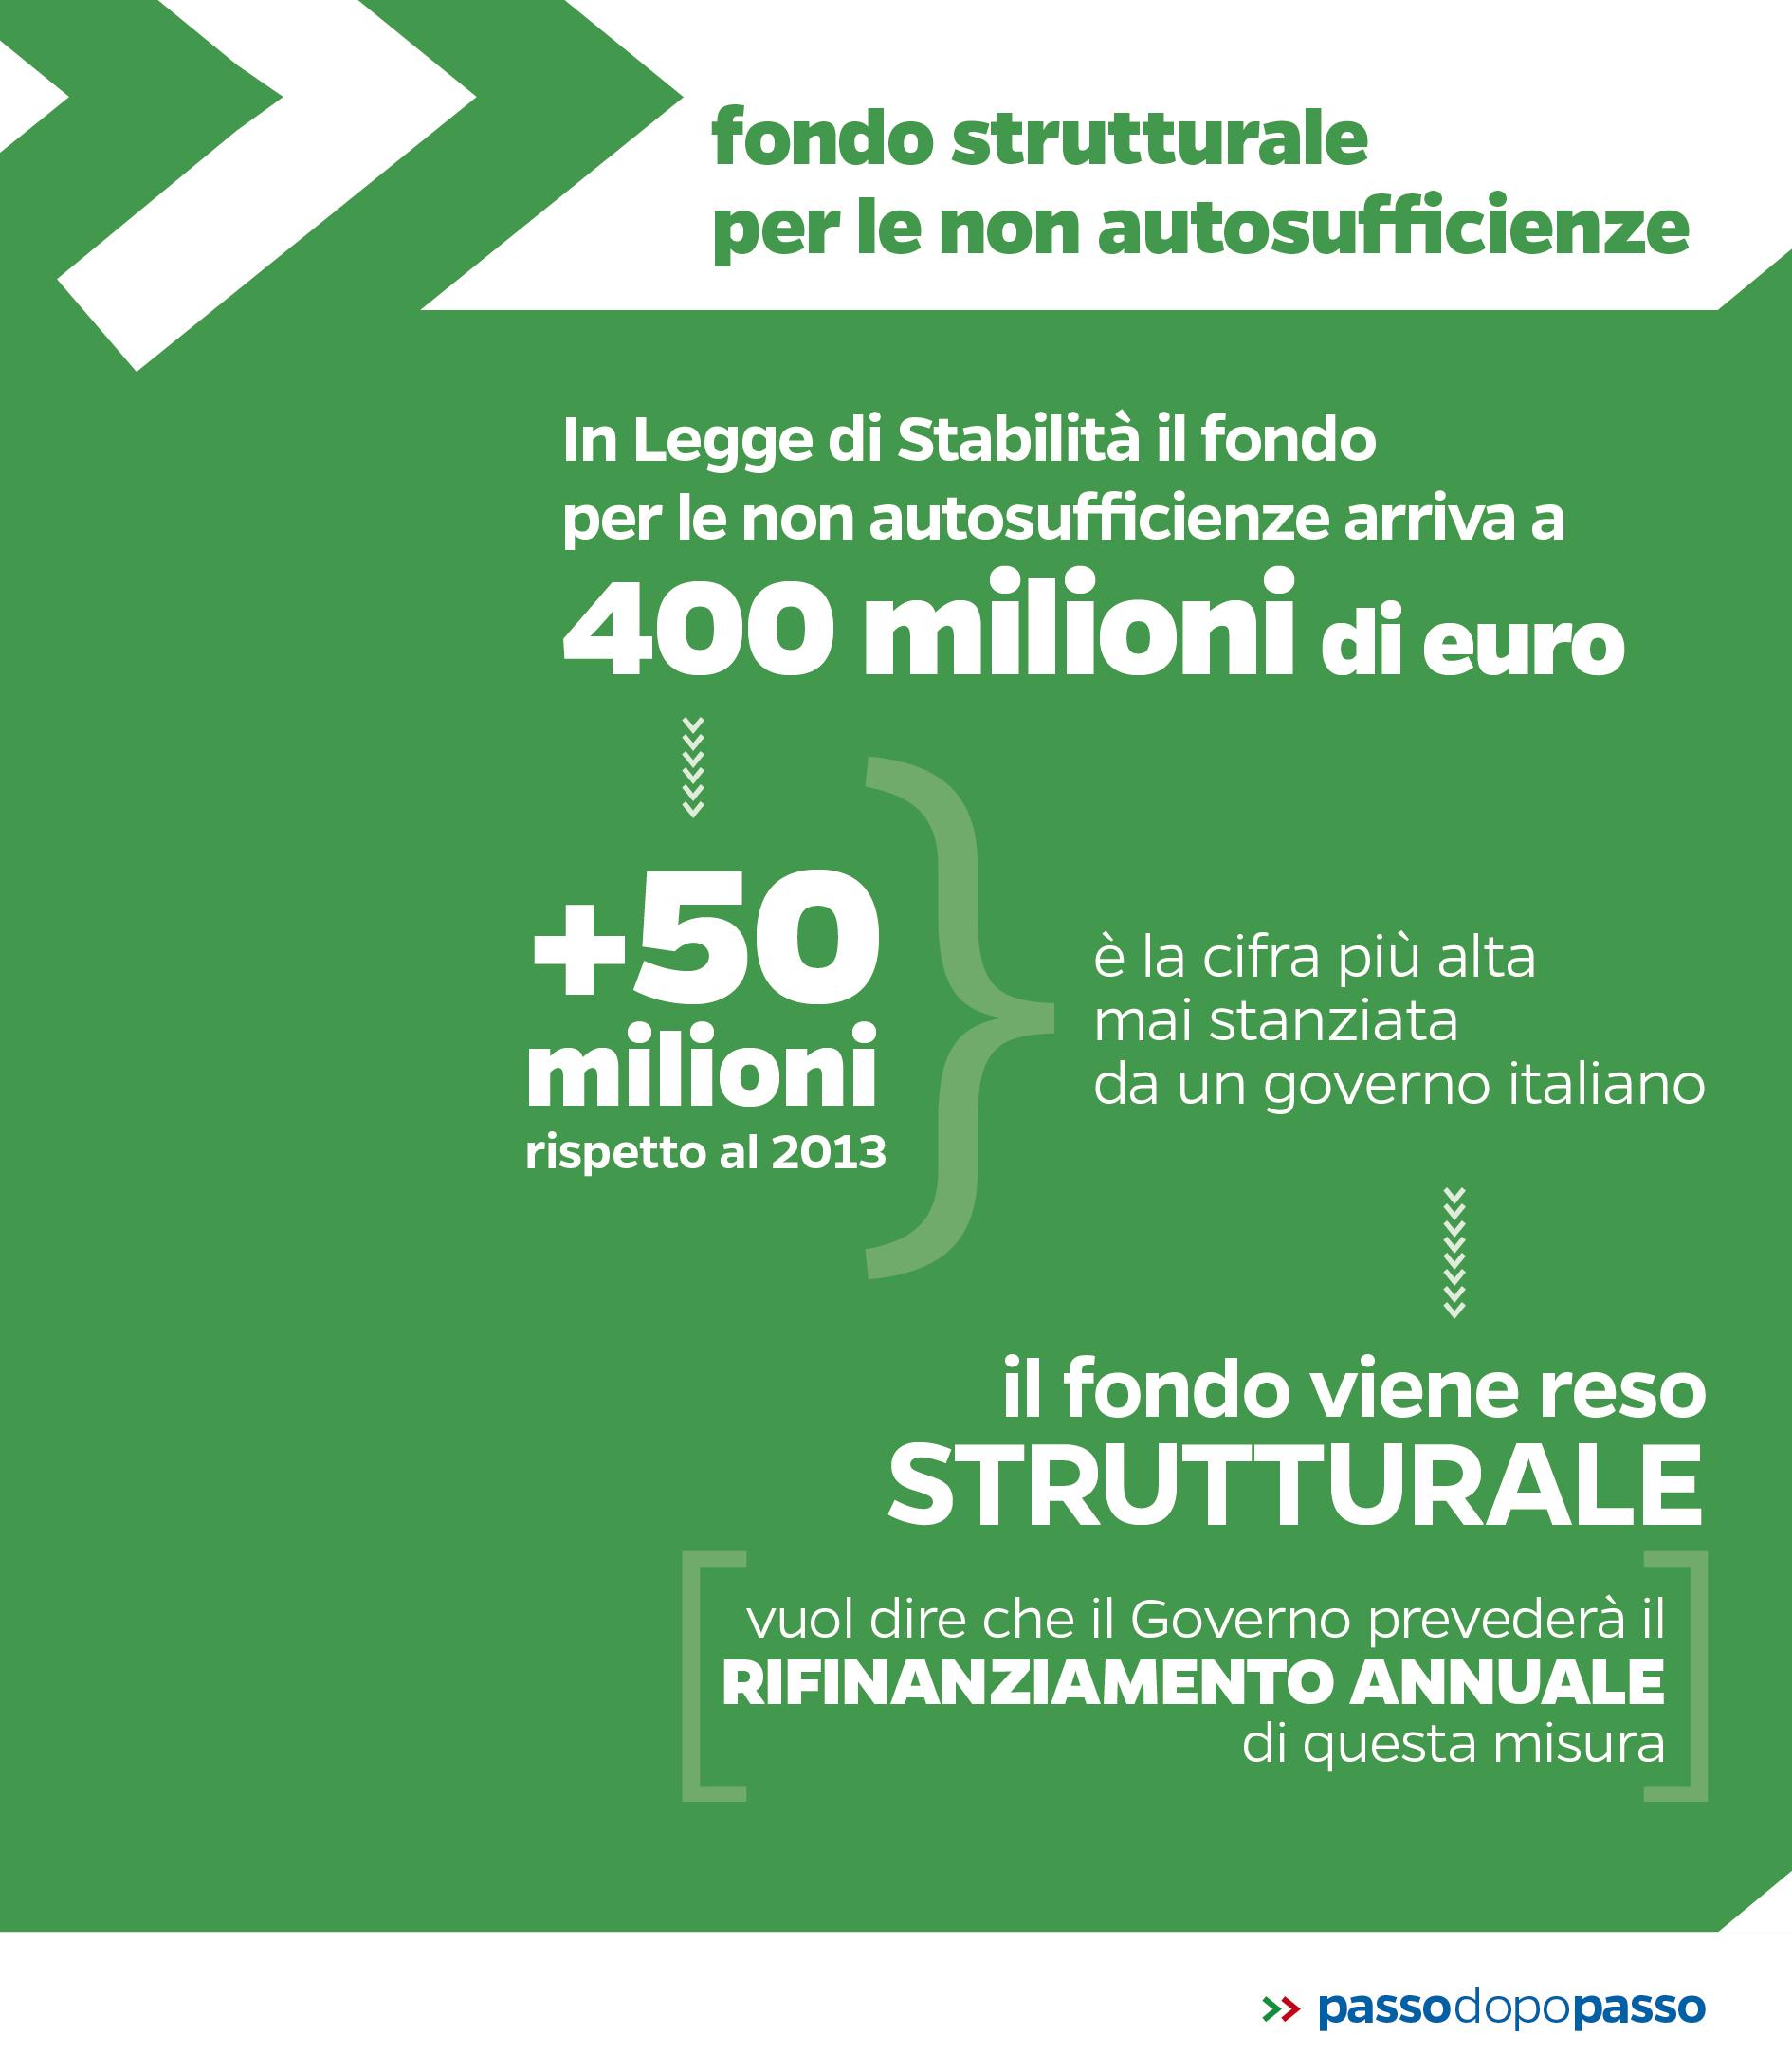 Infografica: Fondo strutturale per le non autosufficienze